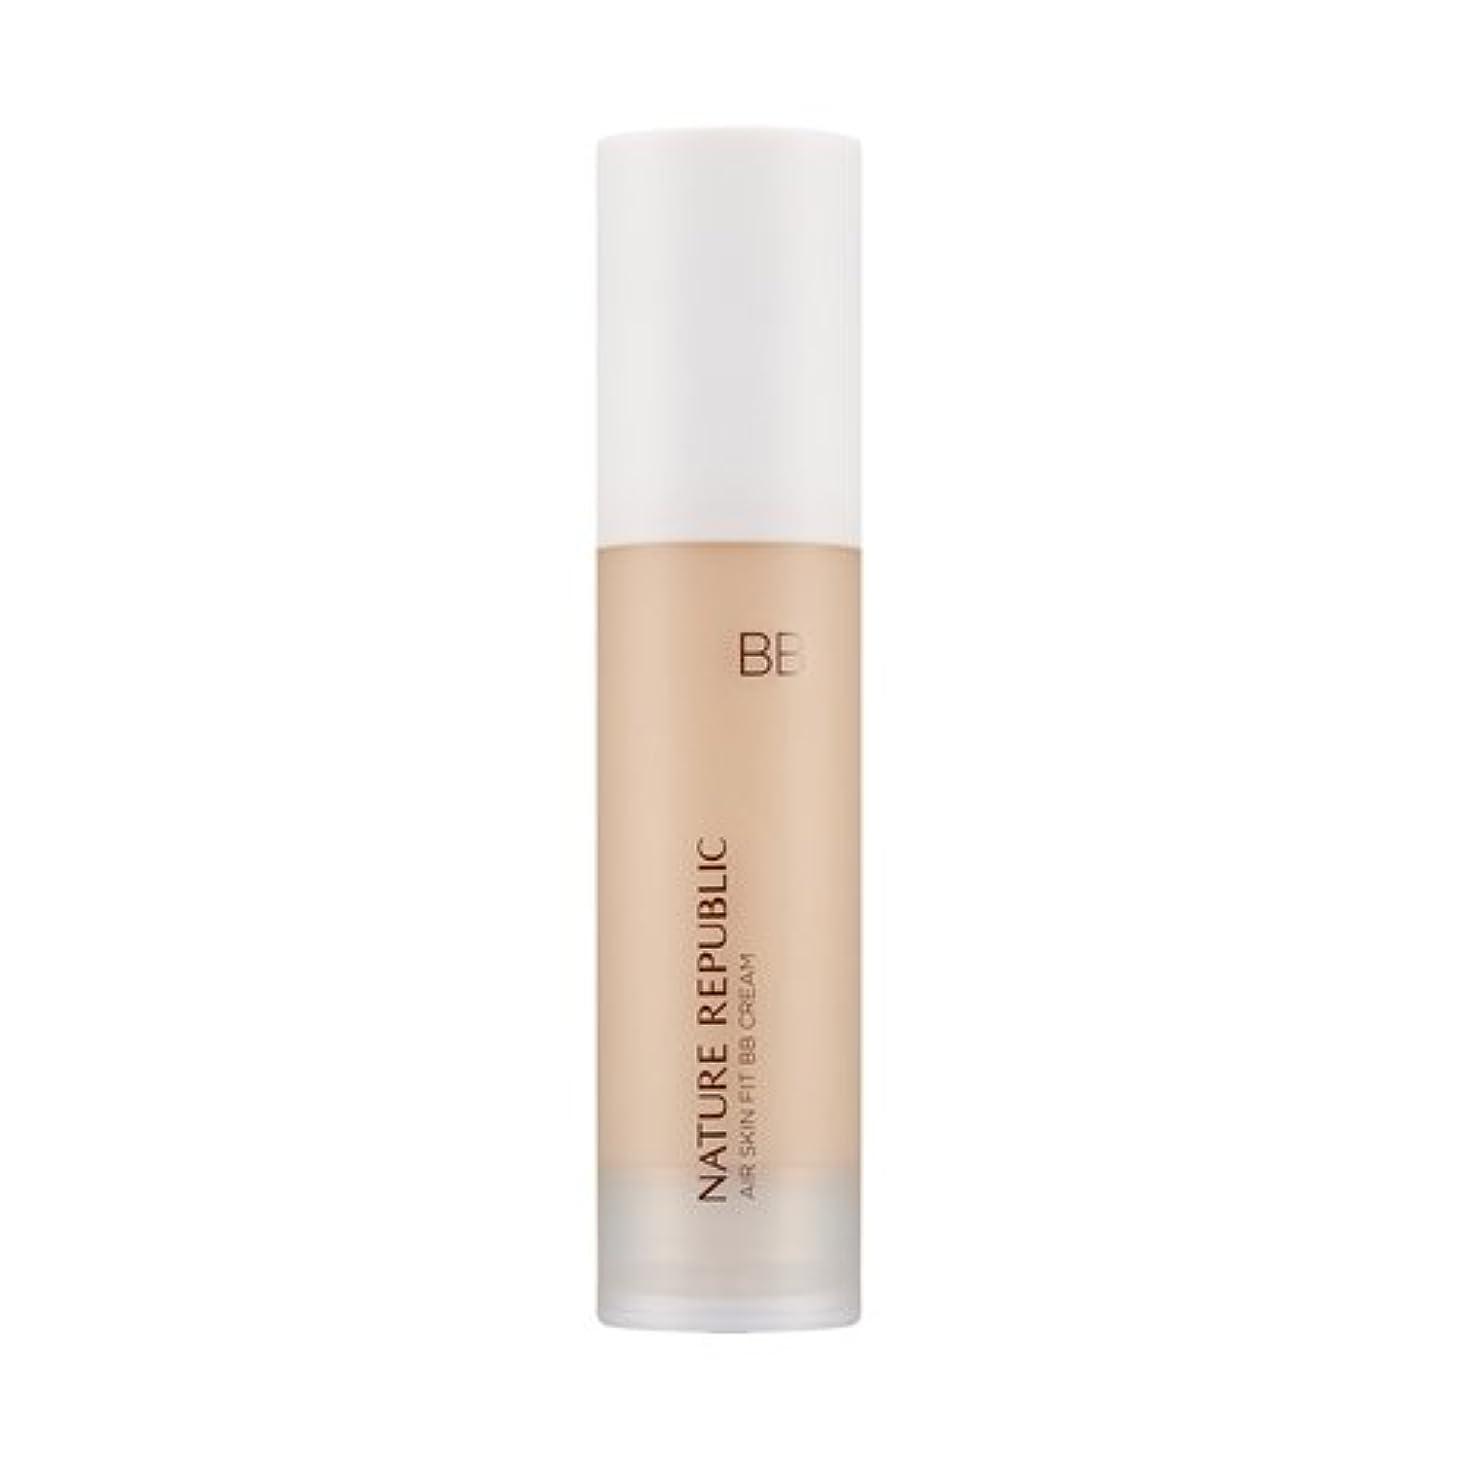 ジェームズダイソンバングラデシュ舗装NATURE REPUBLIC Provence Air Skin Fit BB Cream #01 Light Beige / ネイチャーリパブリック プロヴァンスエアスキンフィットBBクリーム (#01 Light...